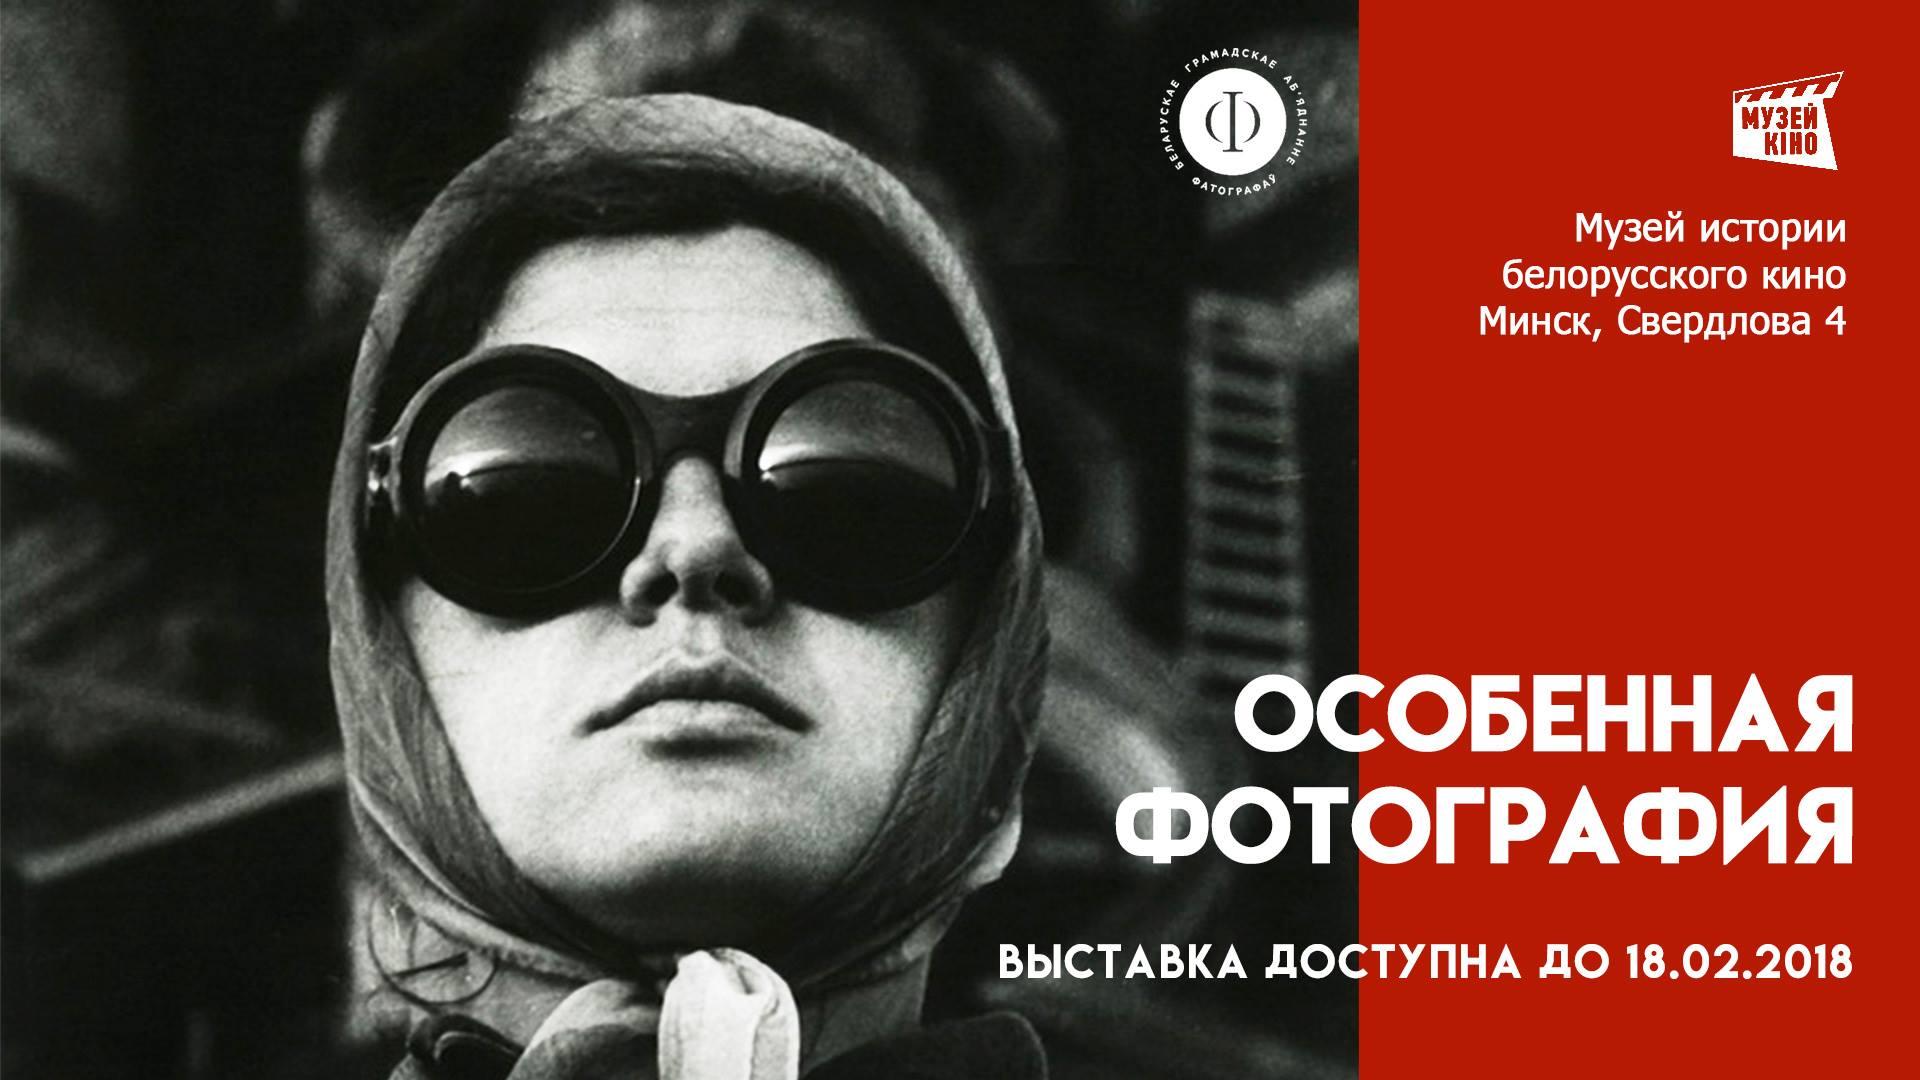 Выставка «Особенная фотография»